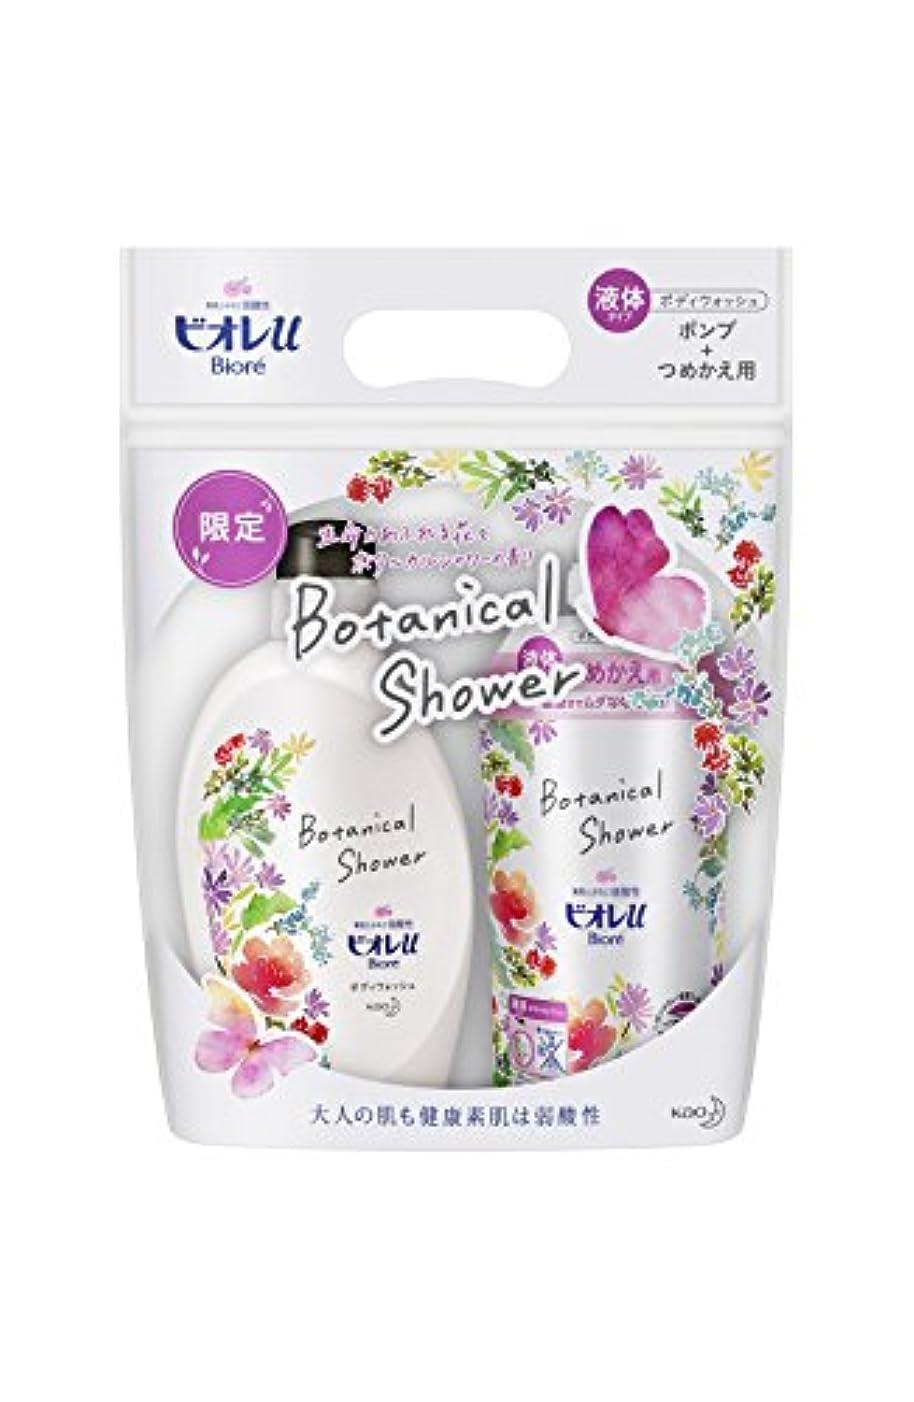 脳ハンディキャップローストビオレu ボディウォッシュ ボタニカルシャワーの香り ポンプ+つめかえ用 (480ml+340ml)